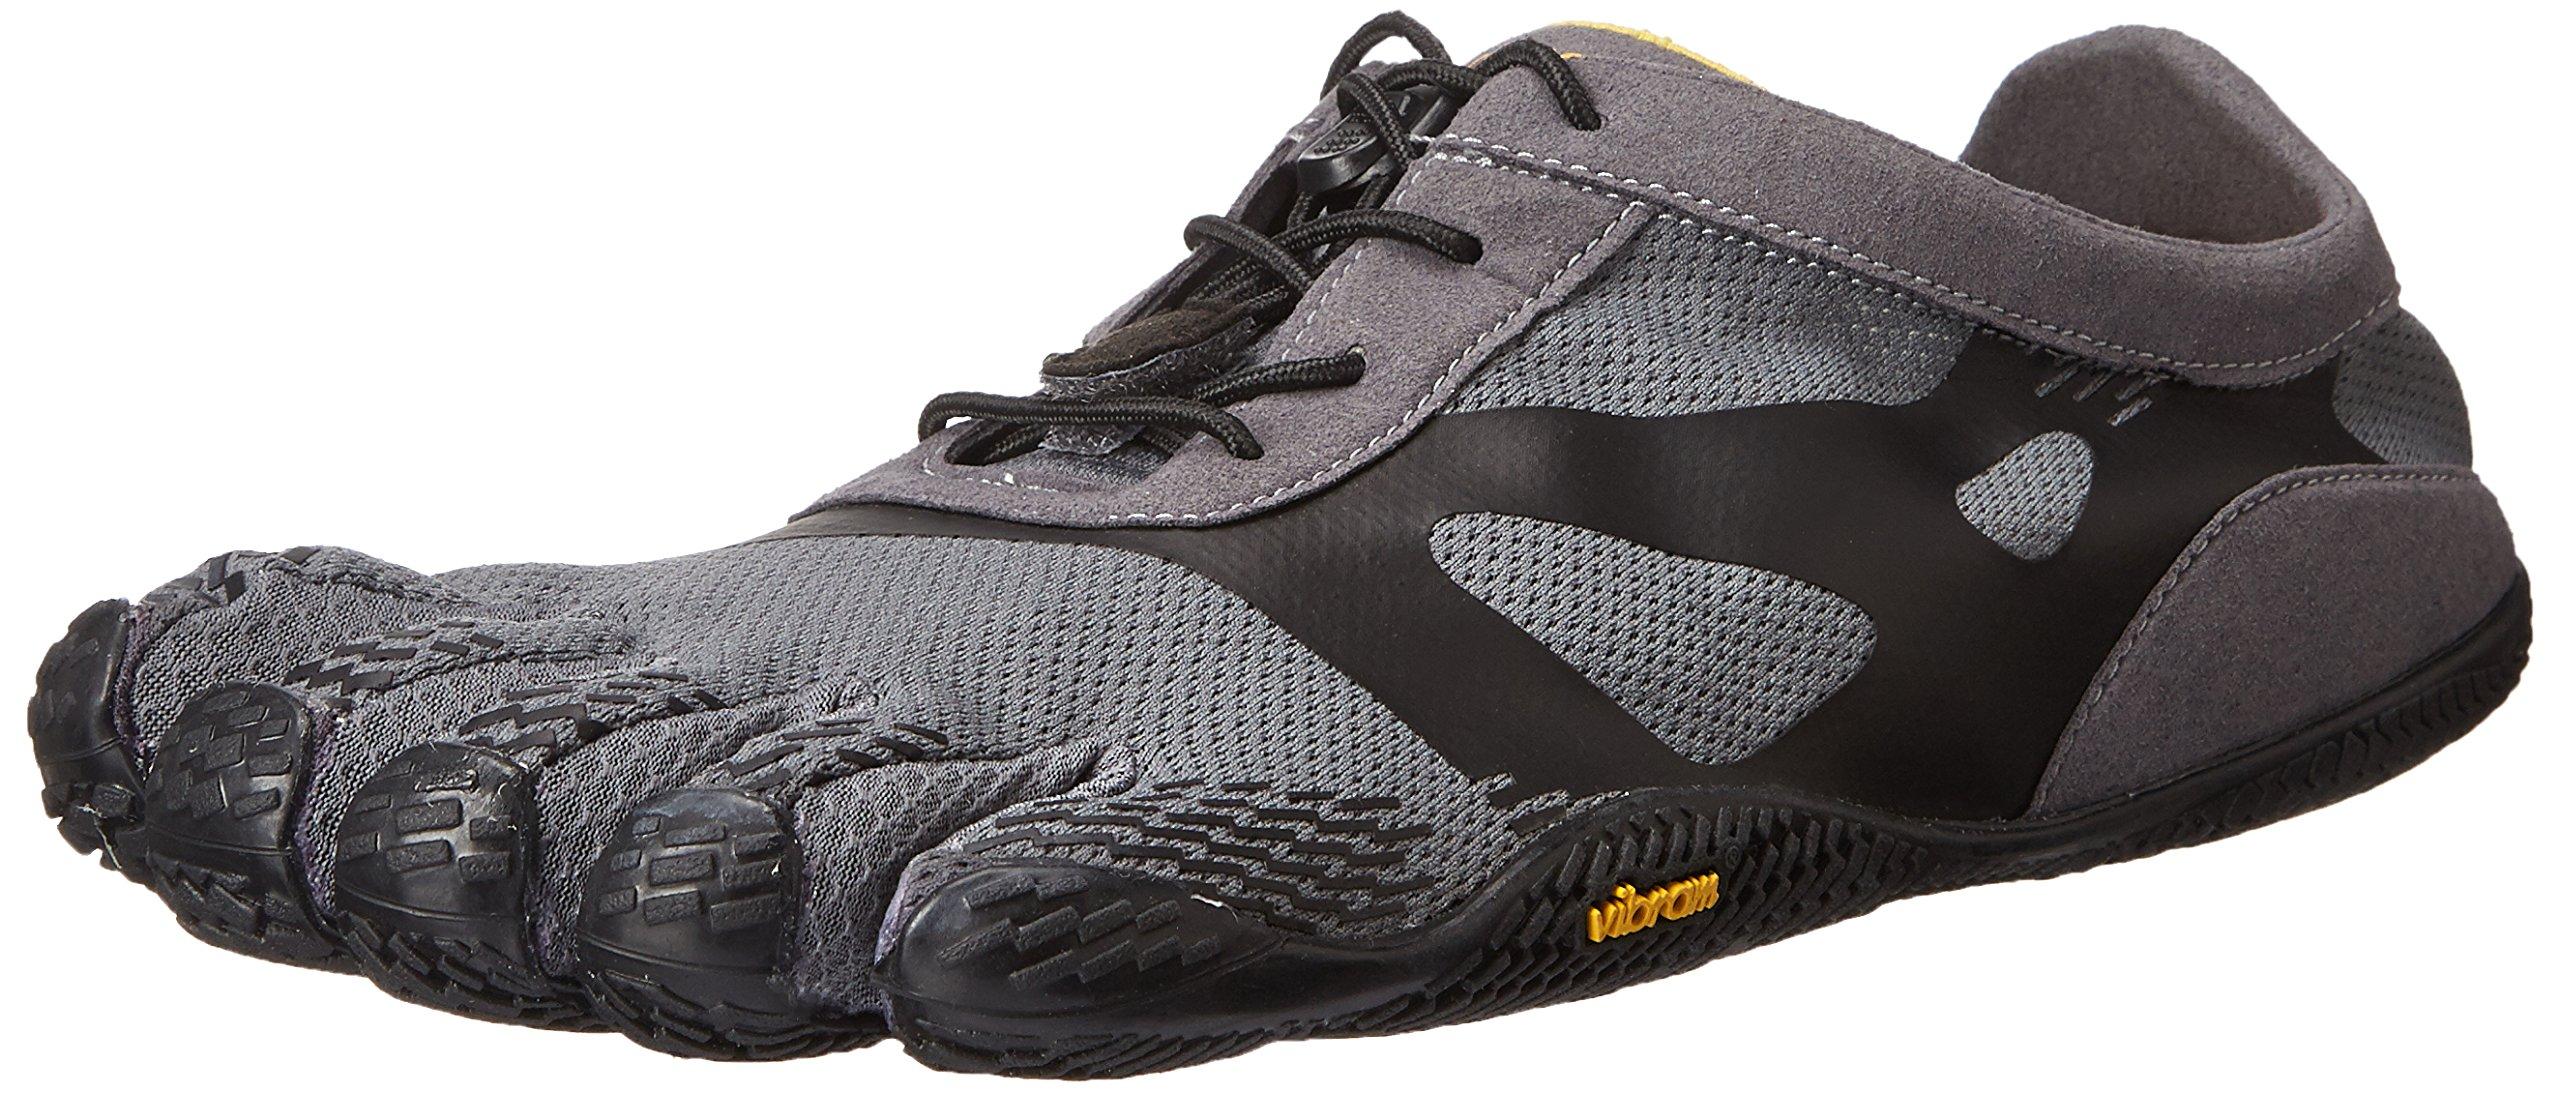 Vibram Men's KSO EVO Cross Training Shoe,Grey/Black,40 EU/8.0-8.5 M US